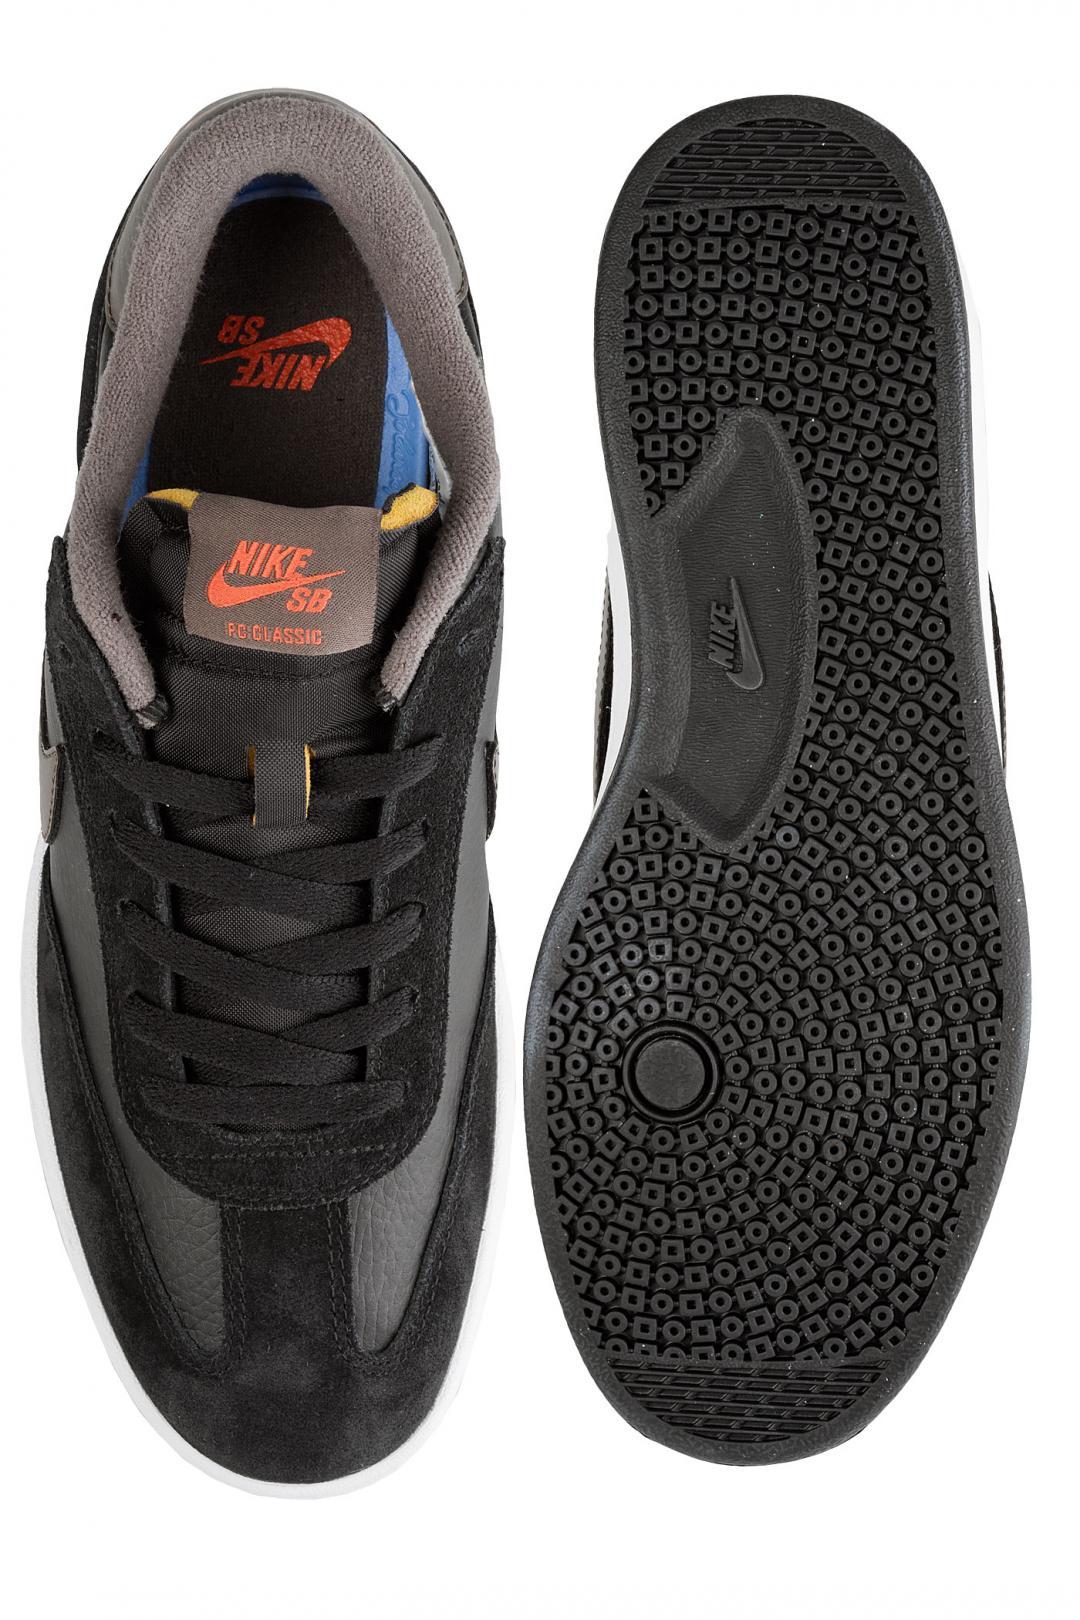 Uomo Nike SB FC Classic black ridgerock | Scarpe da skate